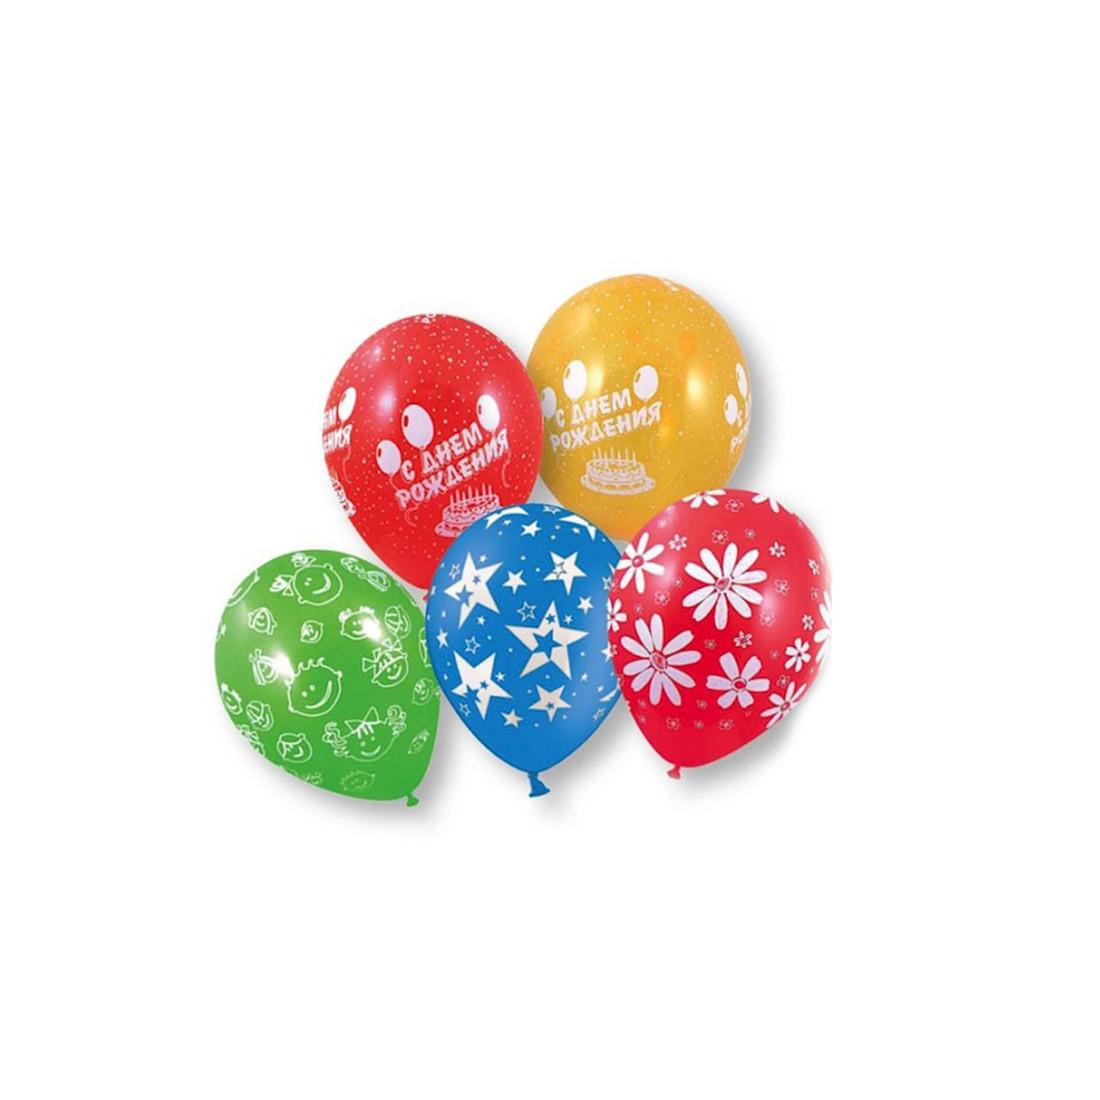 Воздушные шарики 1111-0111 (1111-0834) (5 шт. в пакете) - фото 1